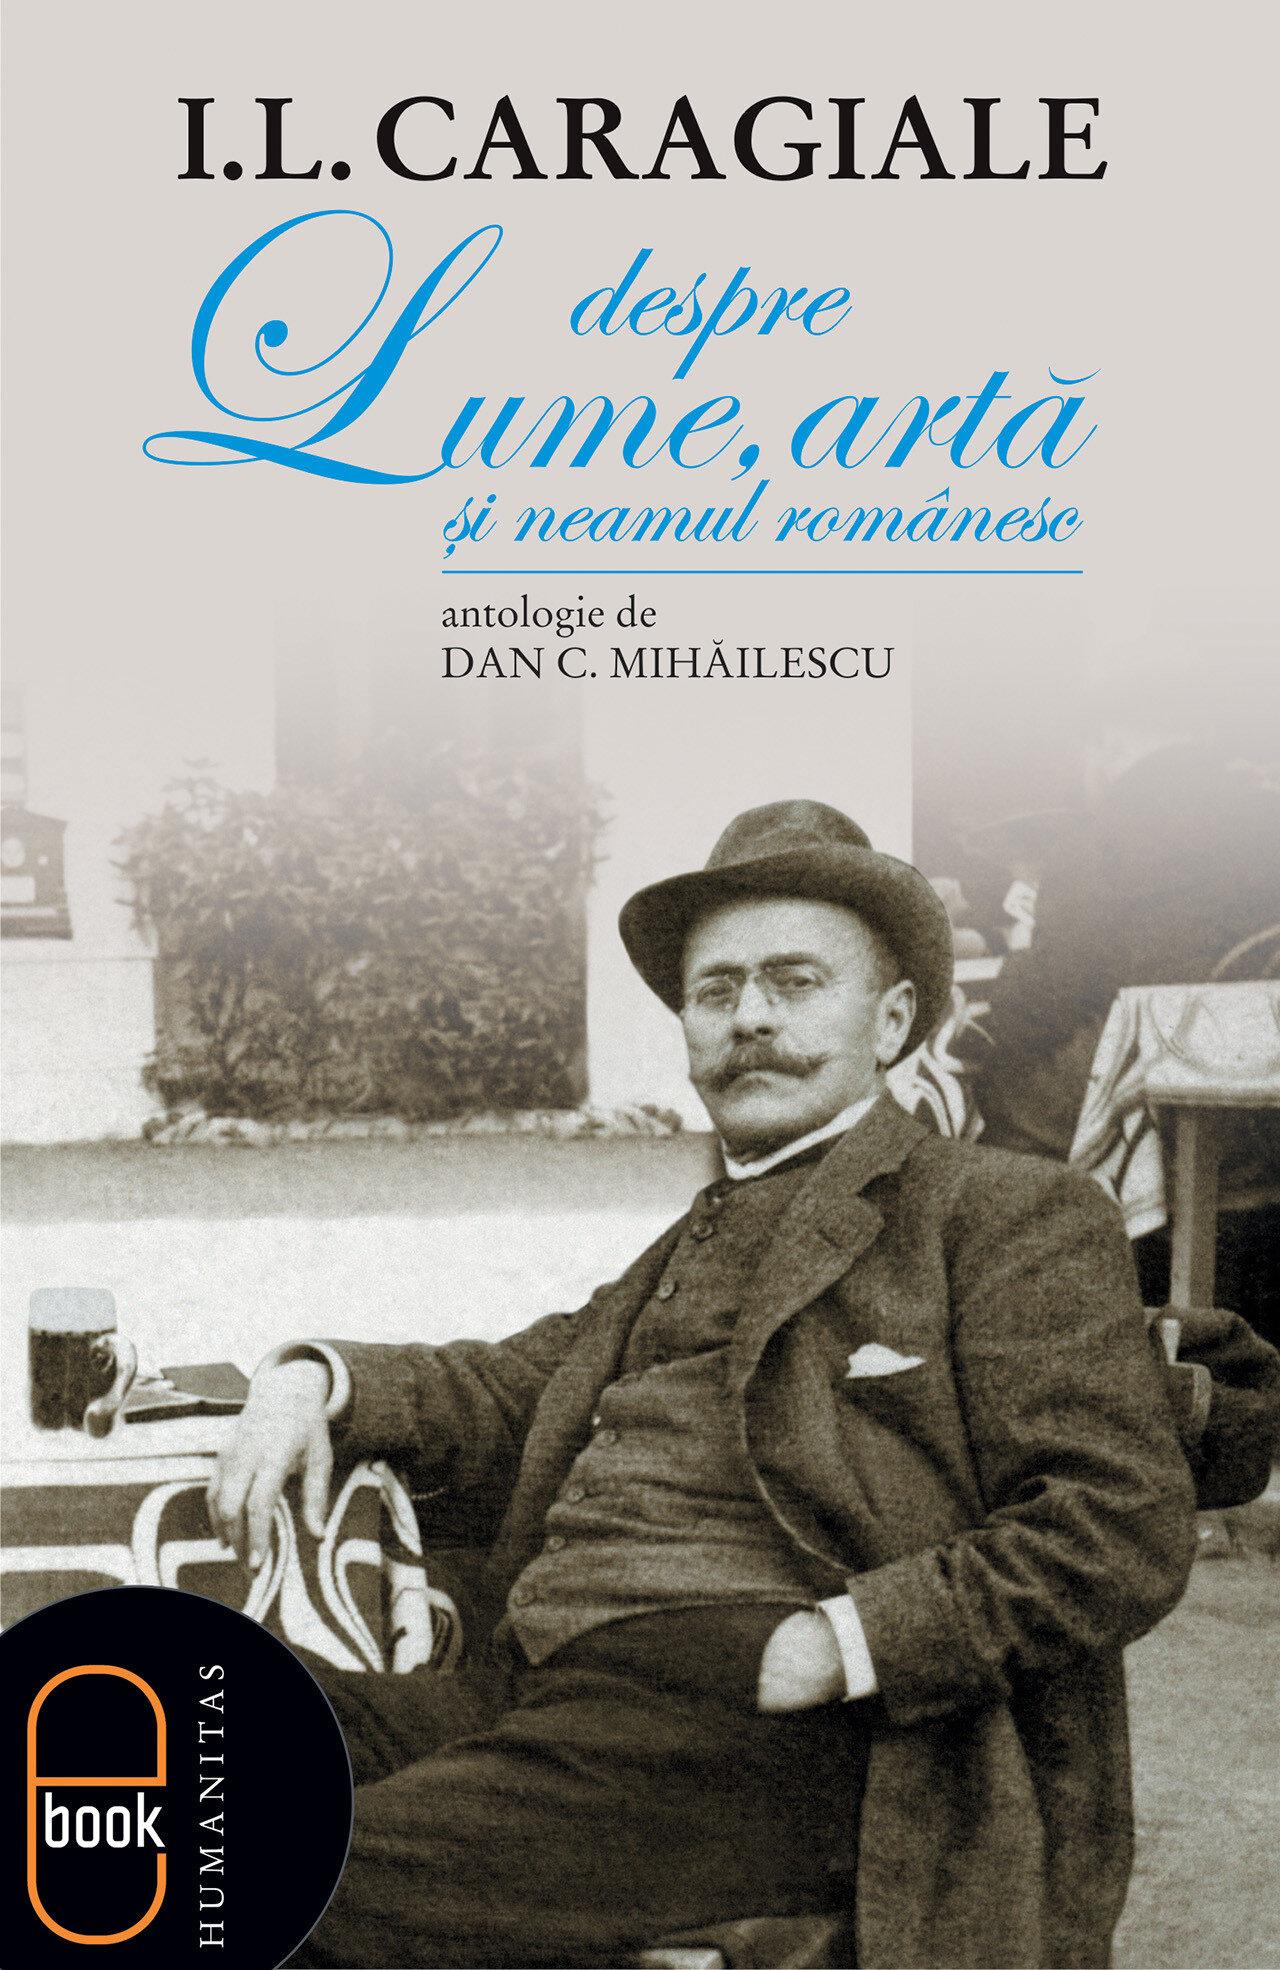 Despre lume, arta si neamul romanesc. Antologie de Dan C. Mihailescu (eBook)